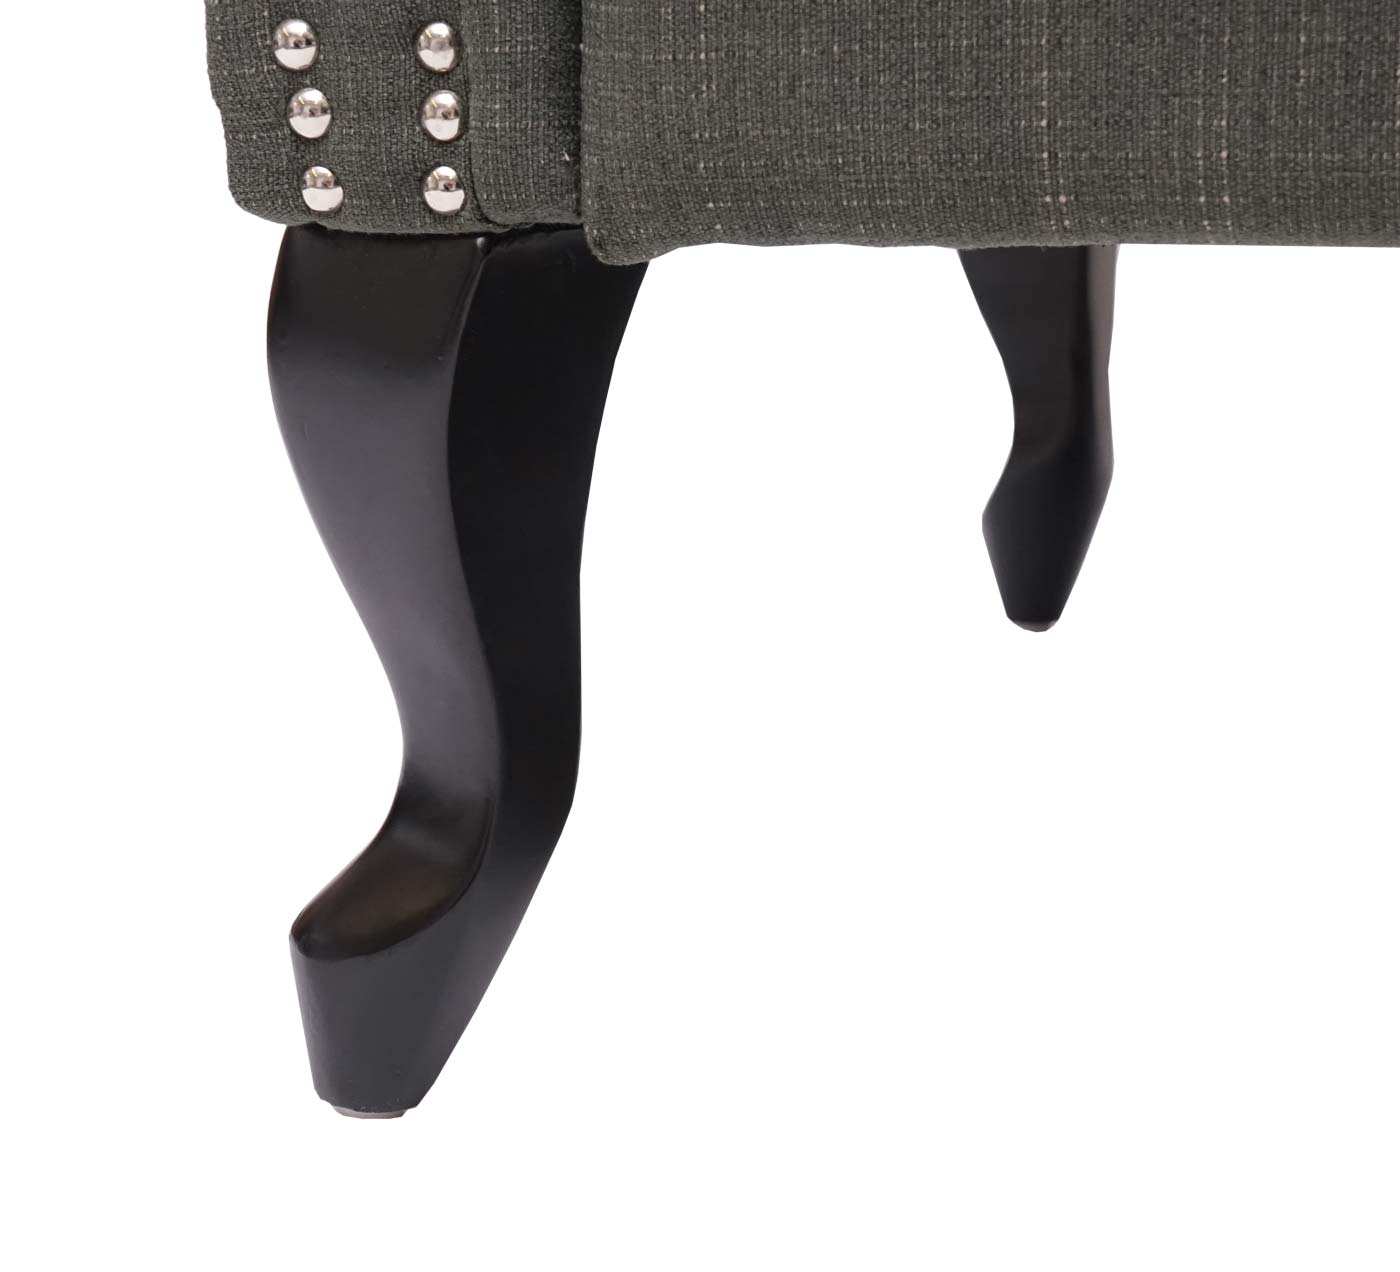 Chesterfield Sessel Detailbild Fuß